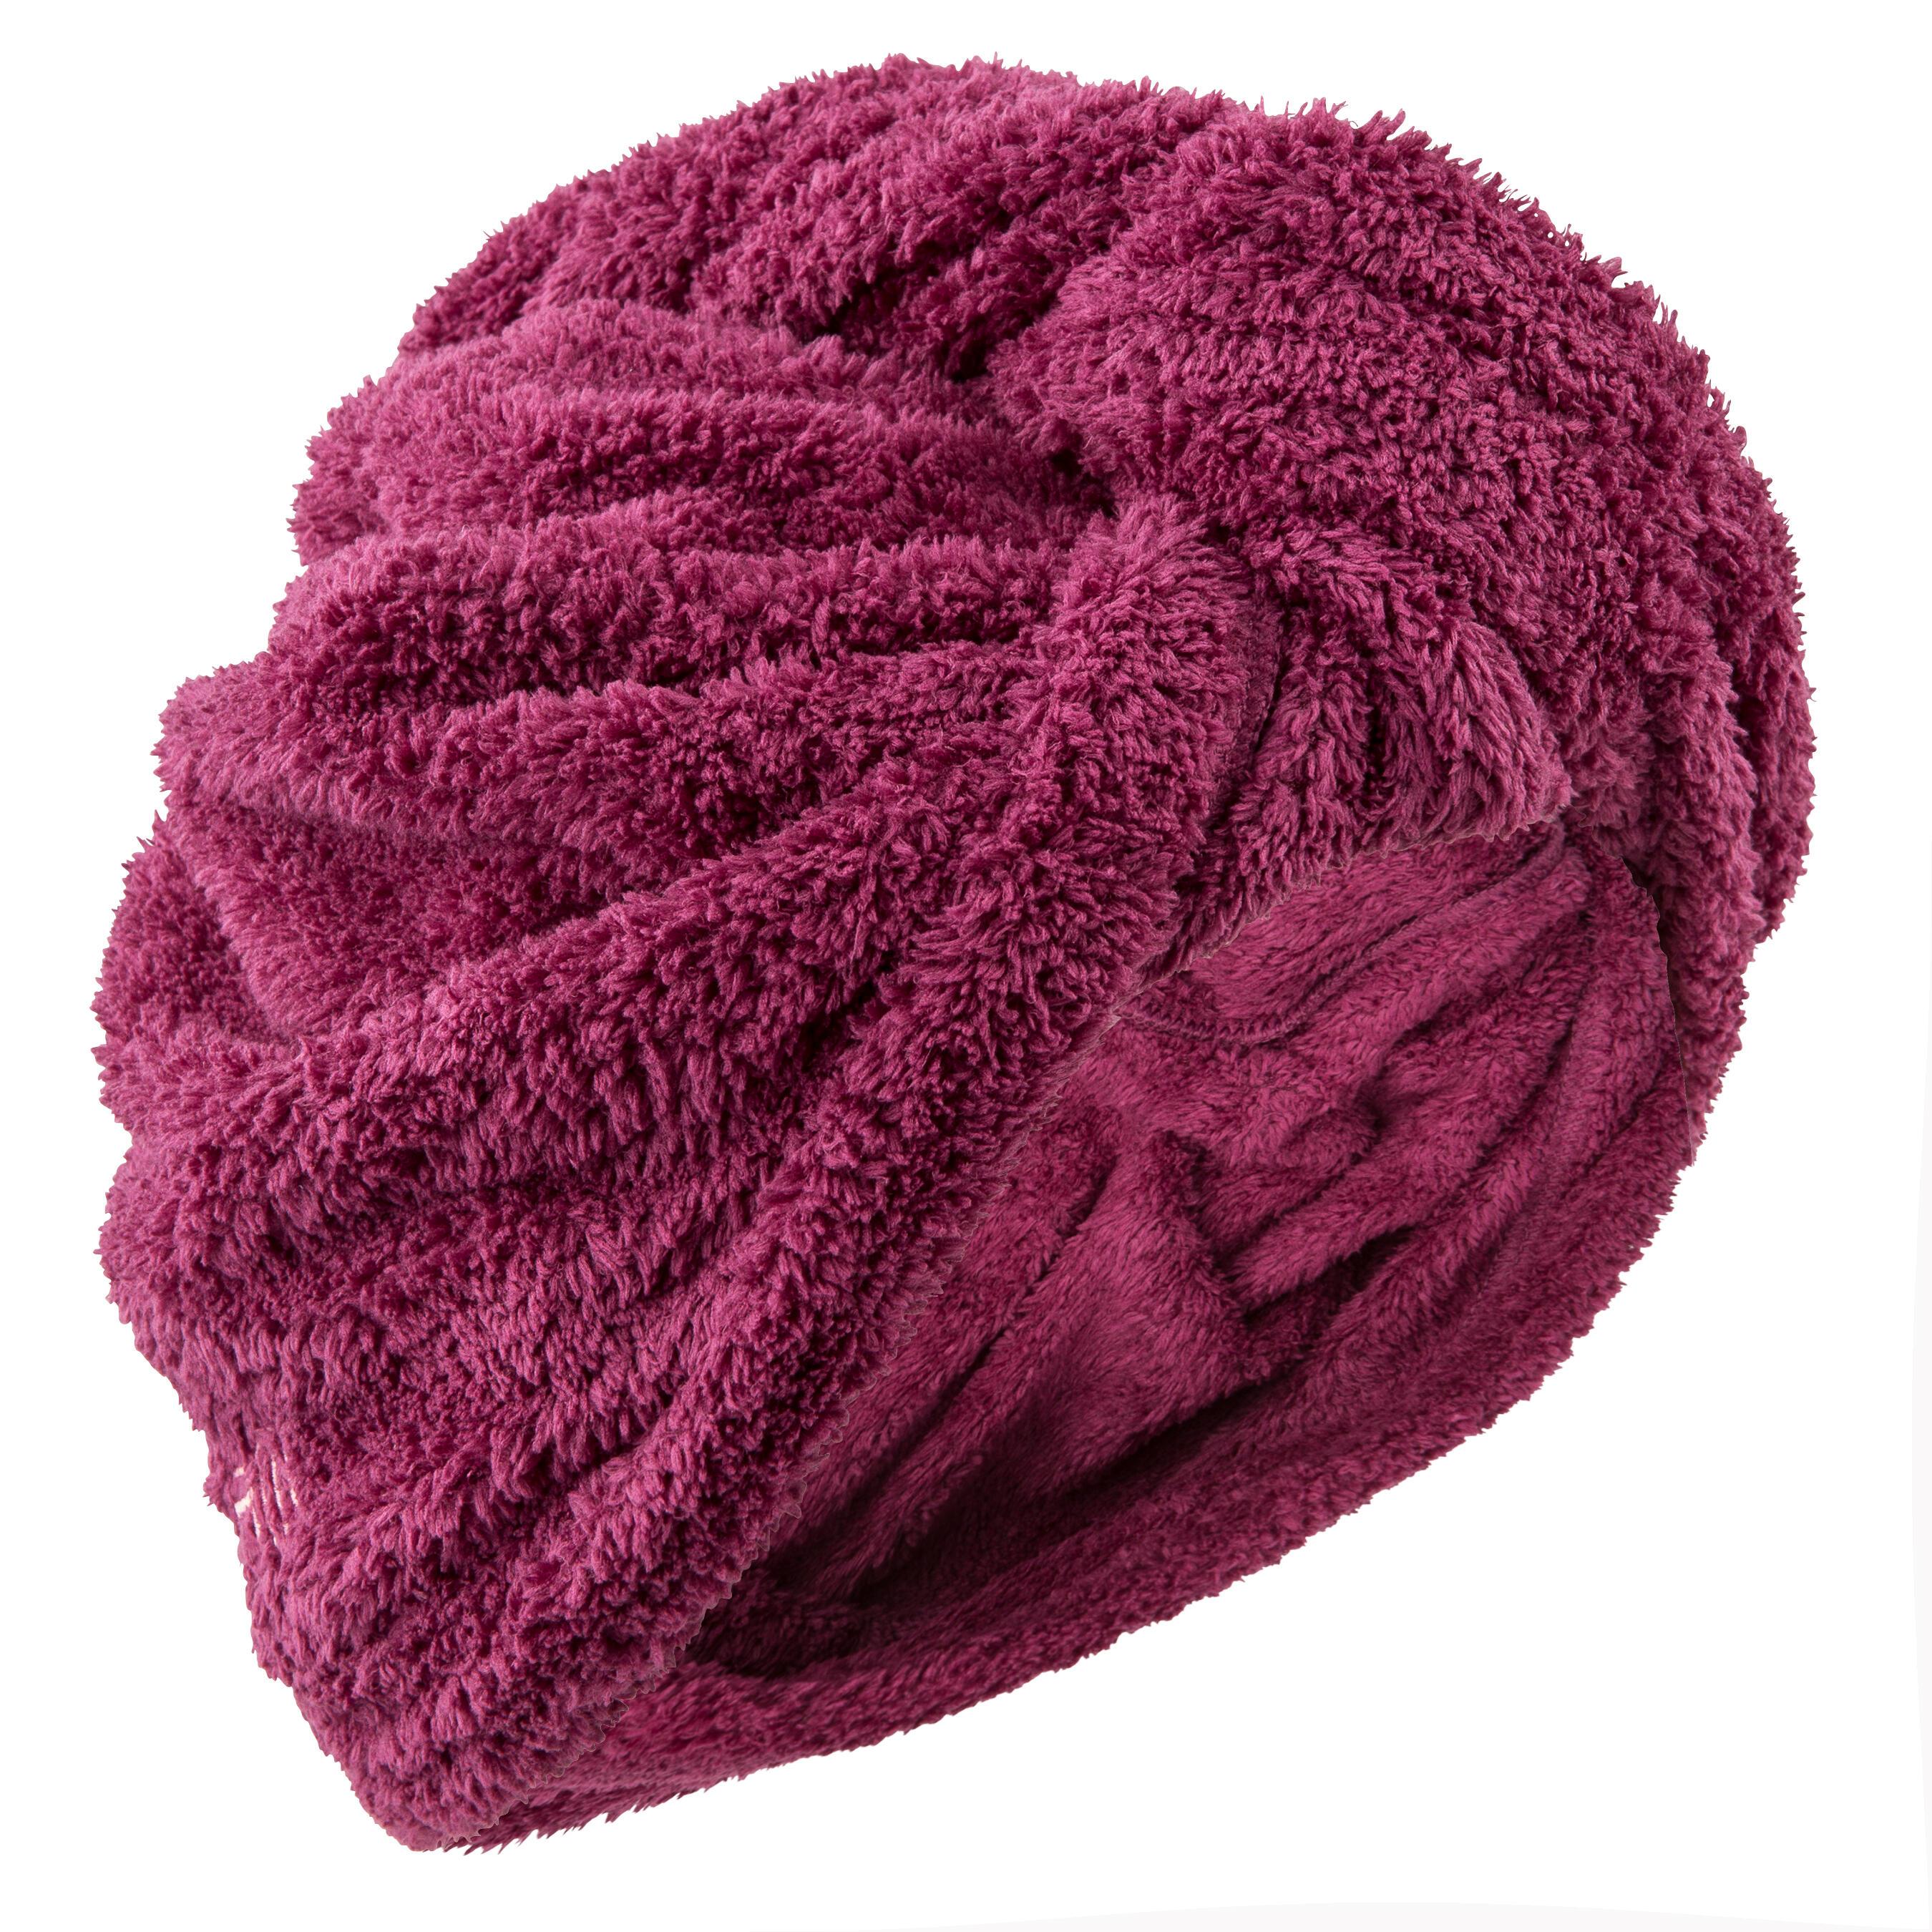 Soft Microfibre Hair Towel - Bordeaux